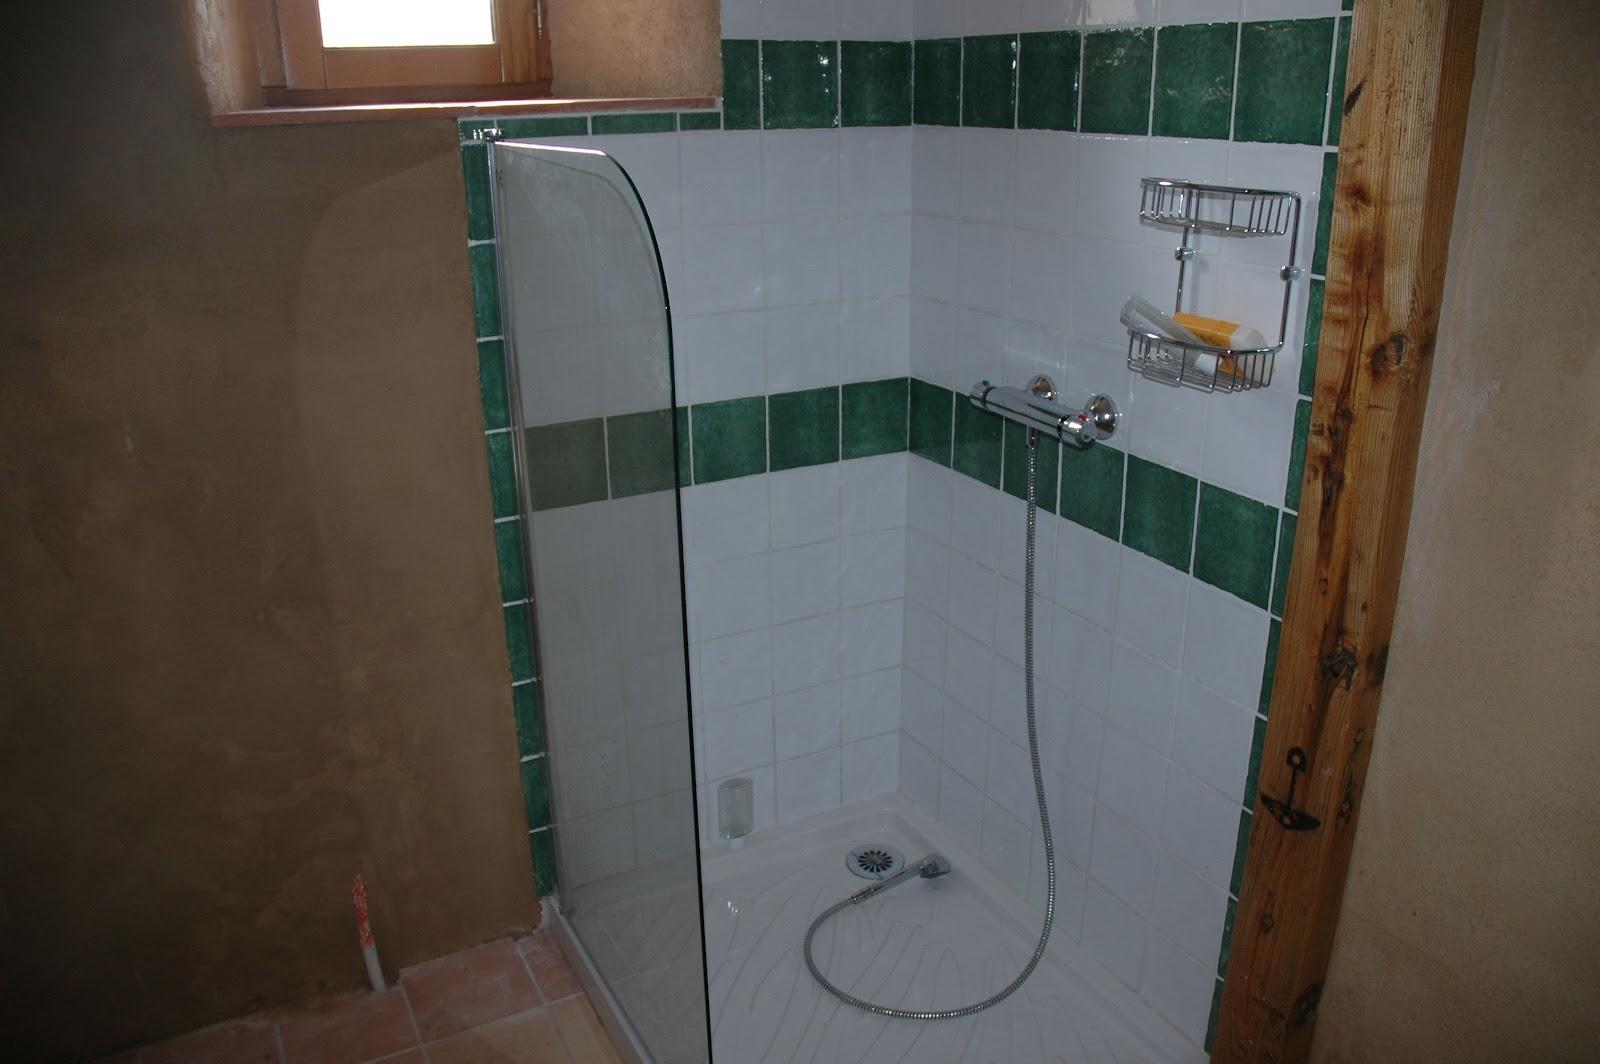 La maison d 39 apr s salle de bain encore for Ventilation dans une salle de bain